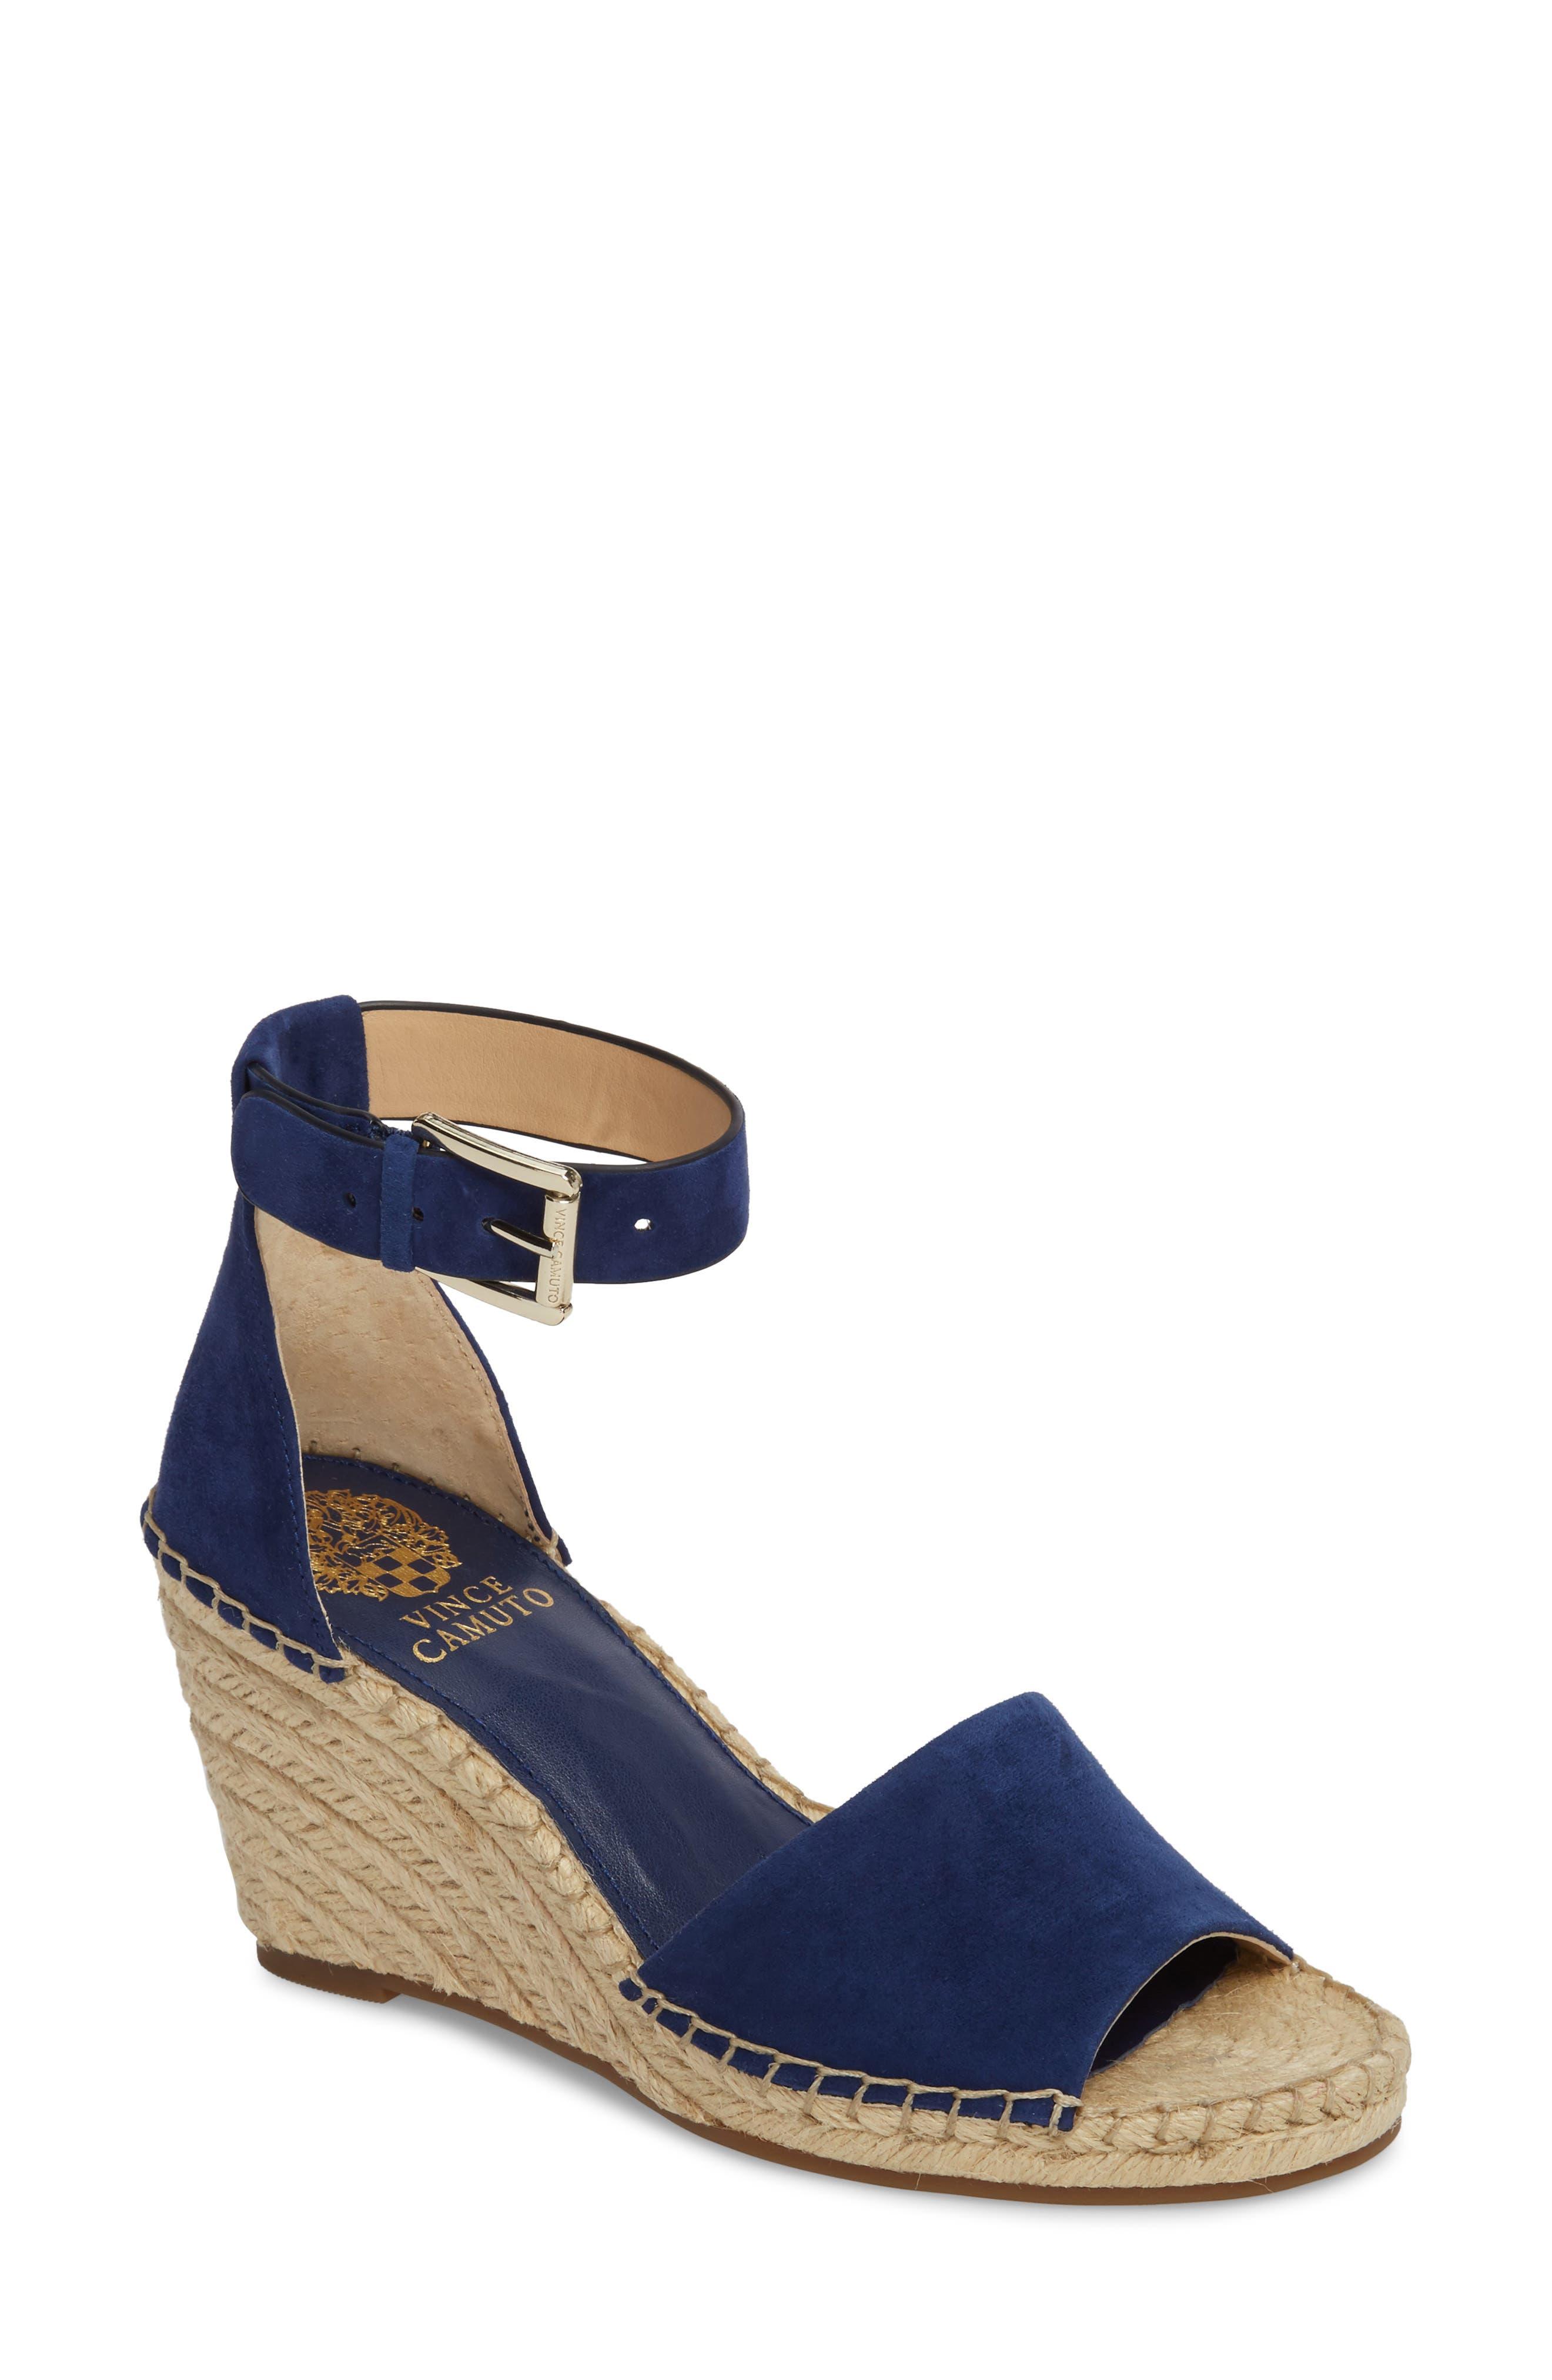 Leera Wedge Sandal,                         Main,                         color, Moody Blues Suede